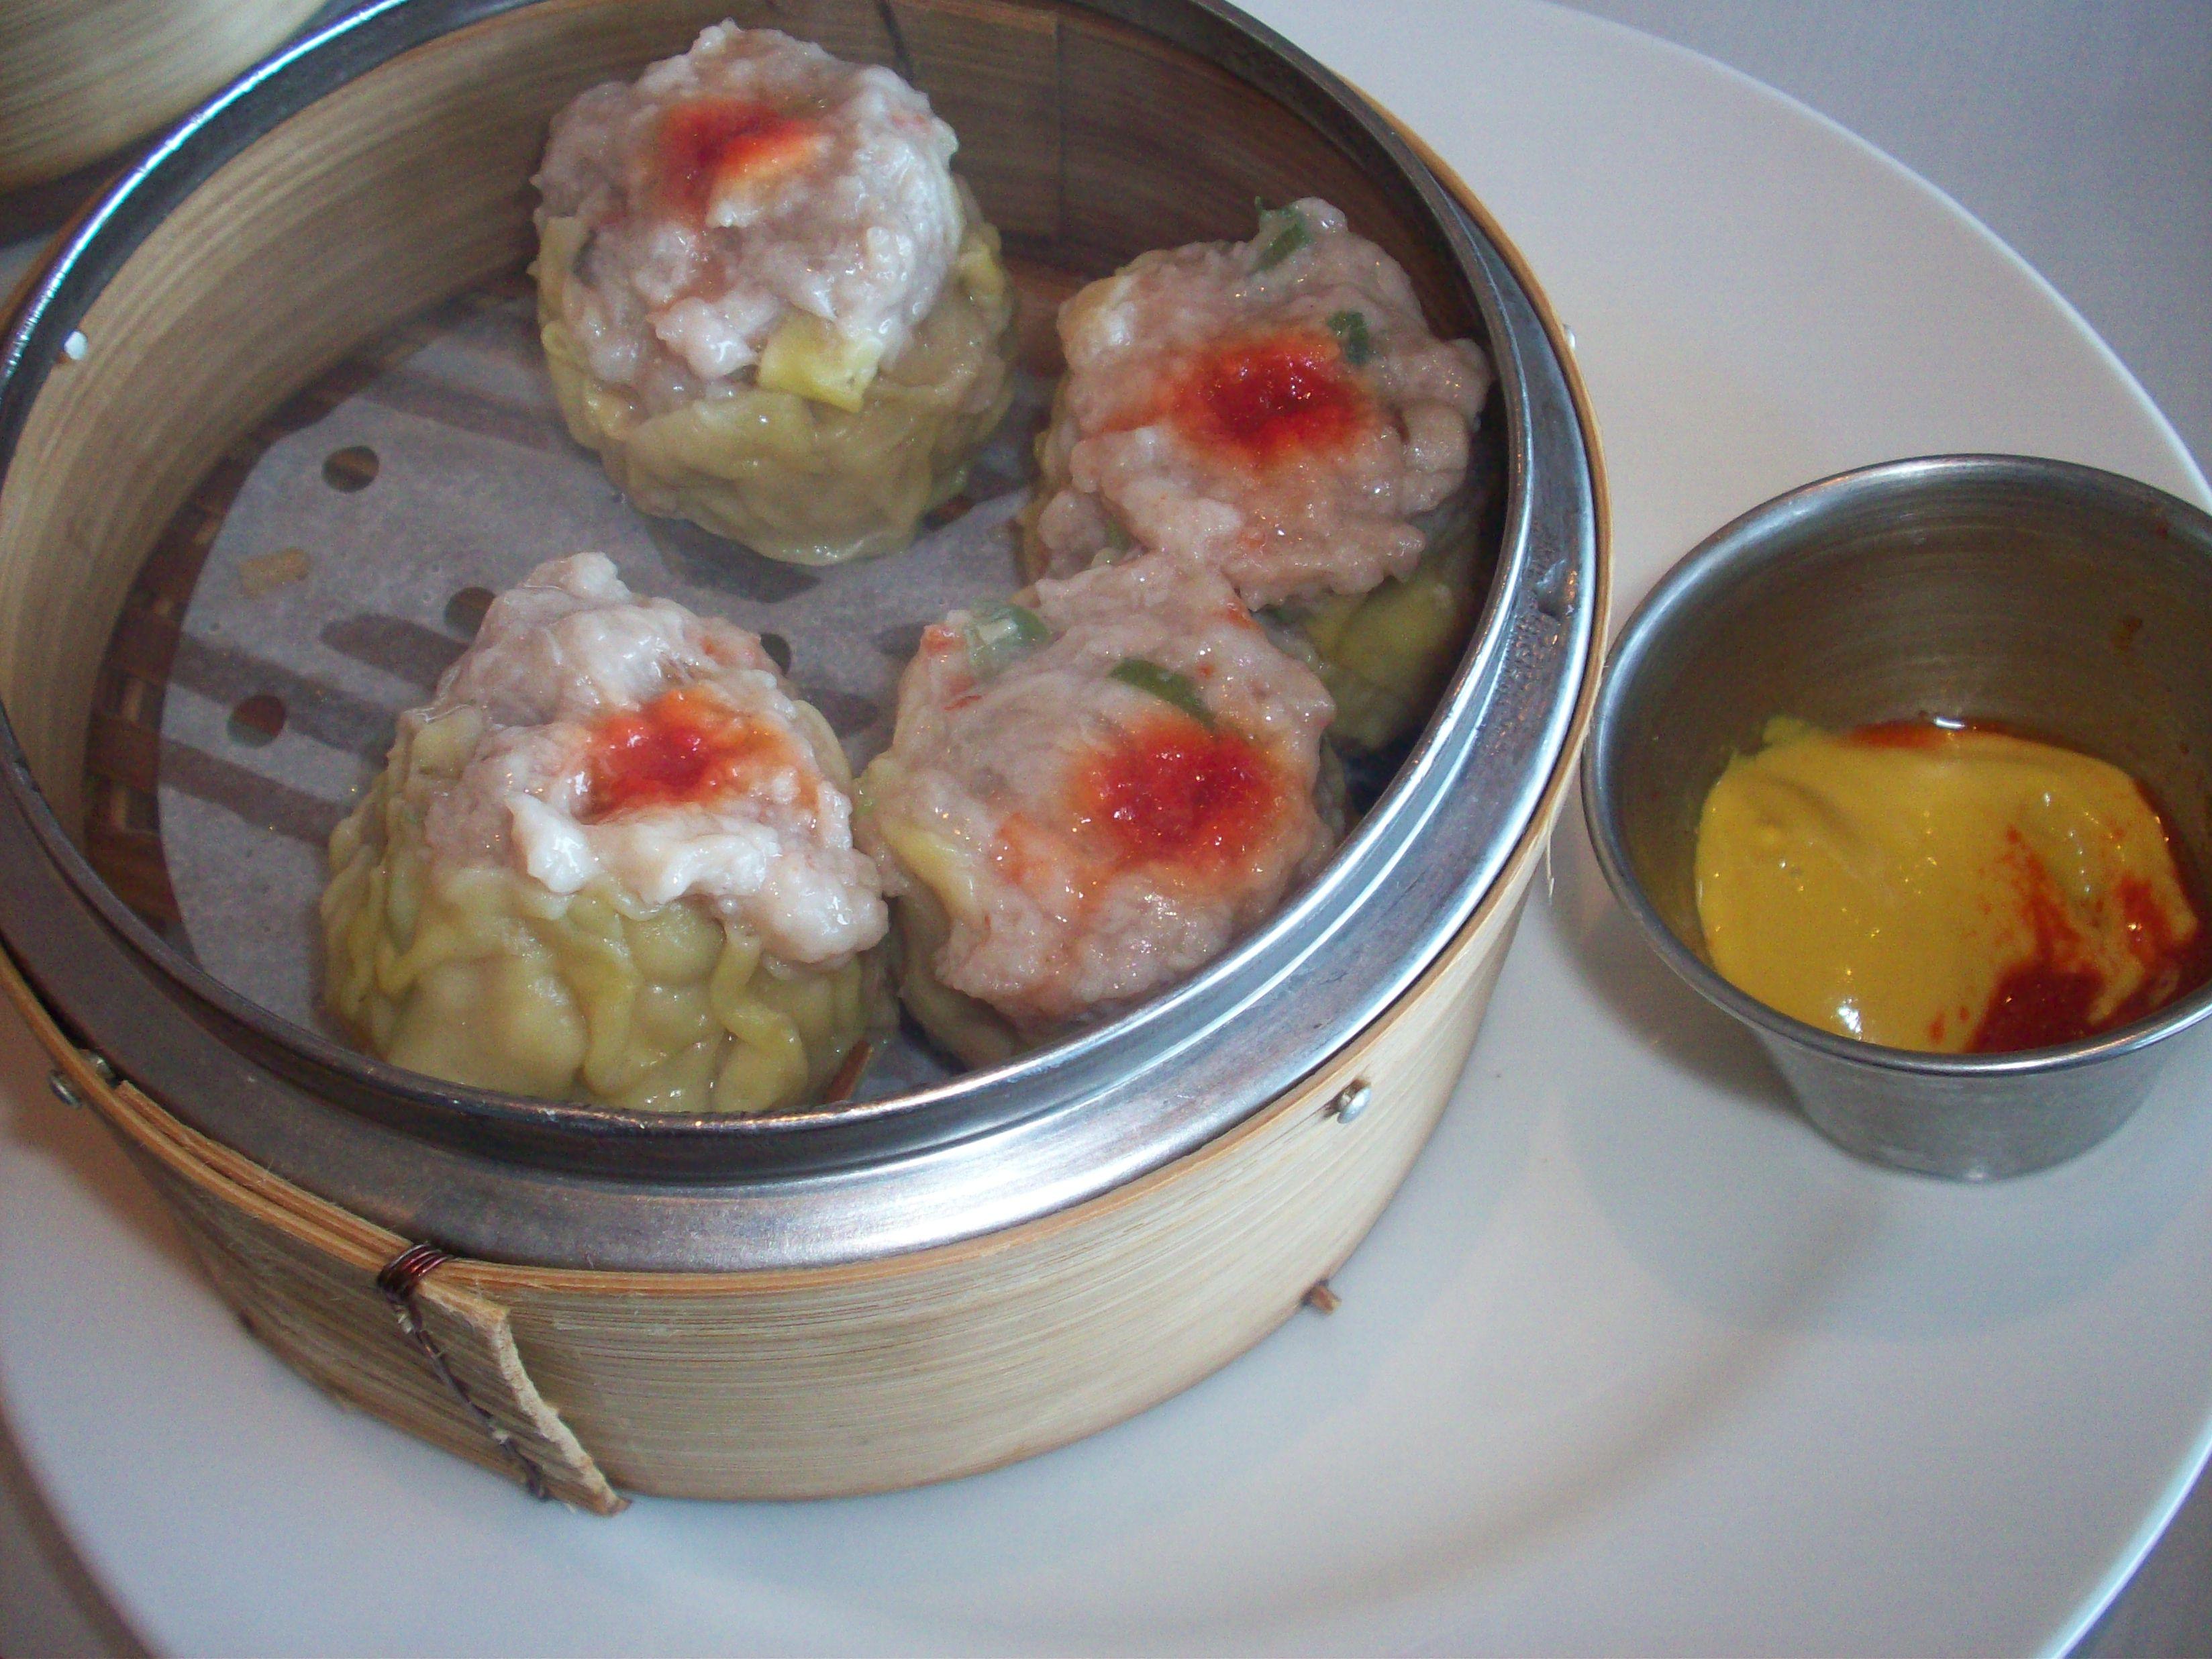 http://foodloader.net/cutie_2010-08-13_SioMai.jpg